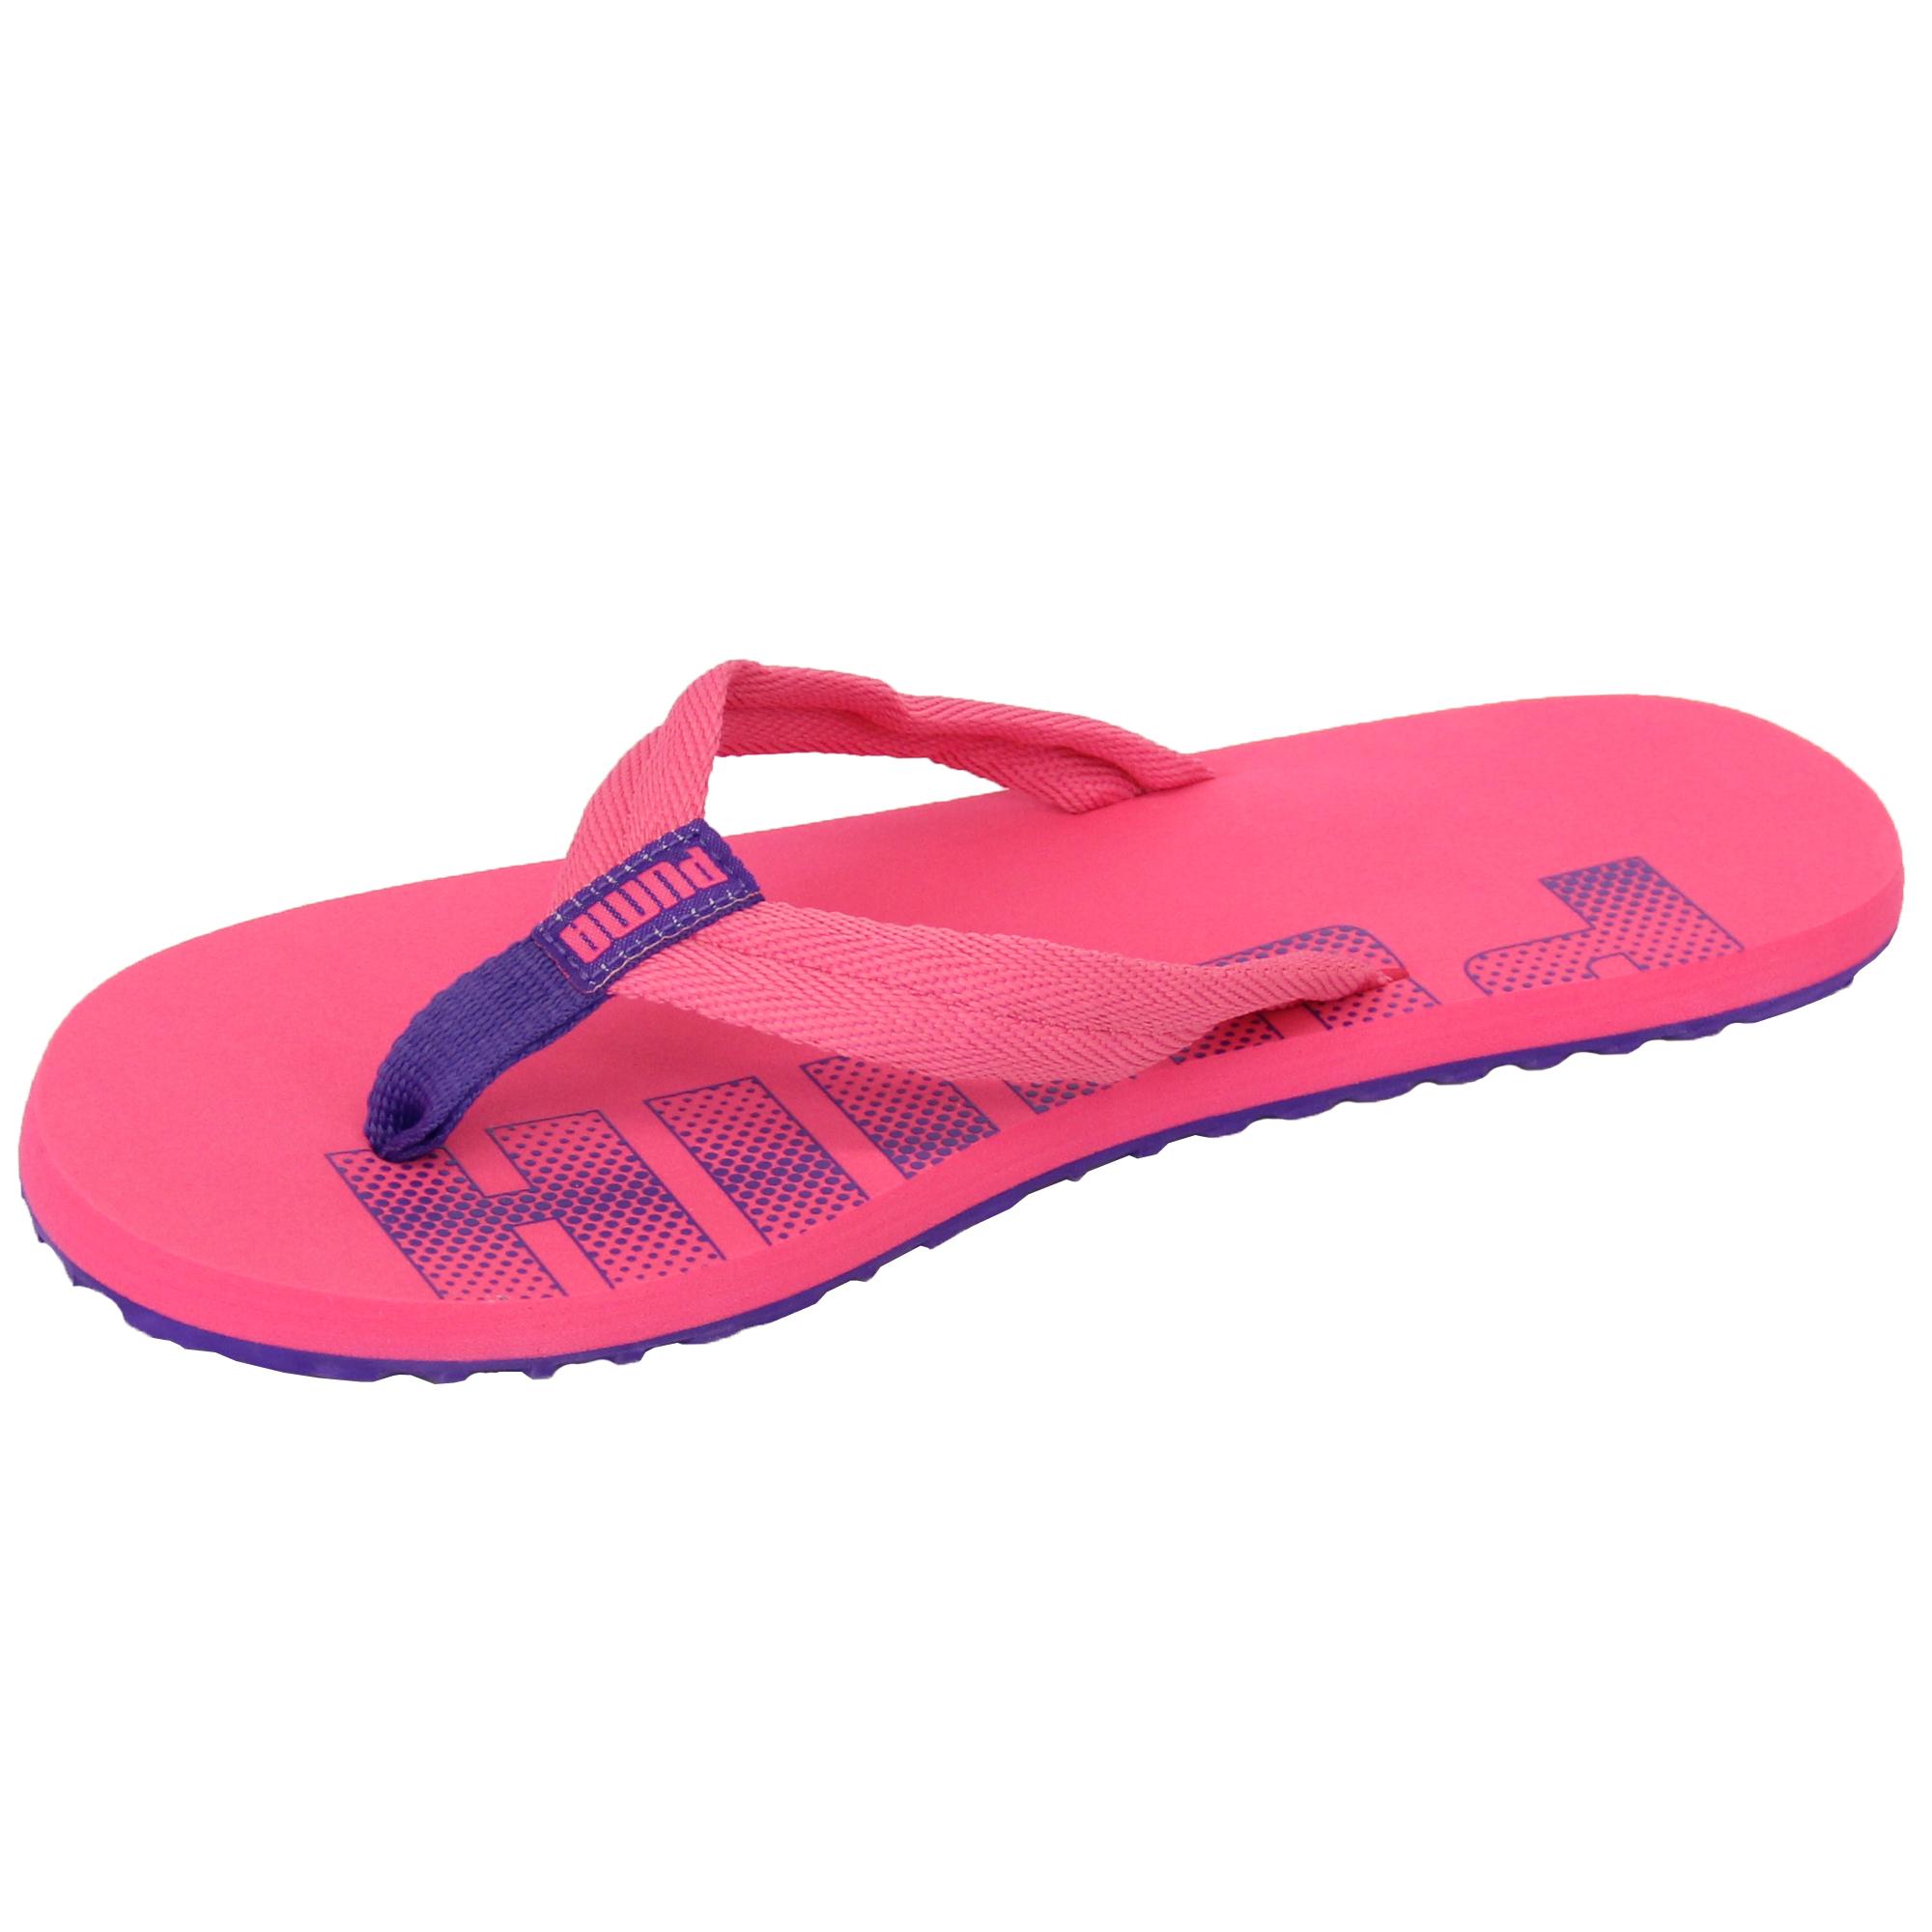 827da8c6a comprar sandalias puma baratas